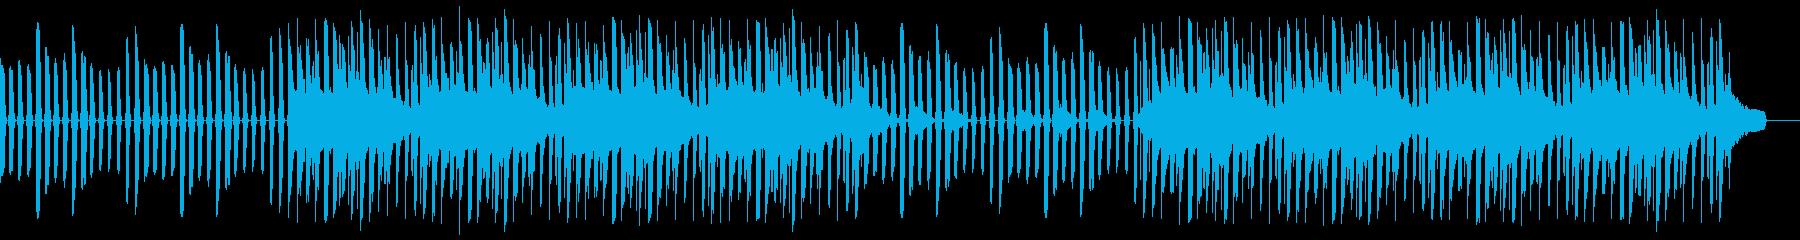 ミニマル、ハッピー、シンセ、ドラムの再生済みの波形